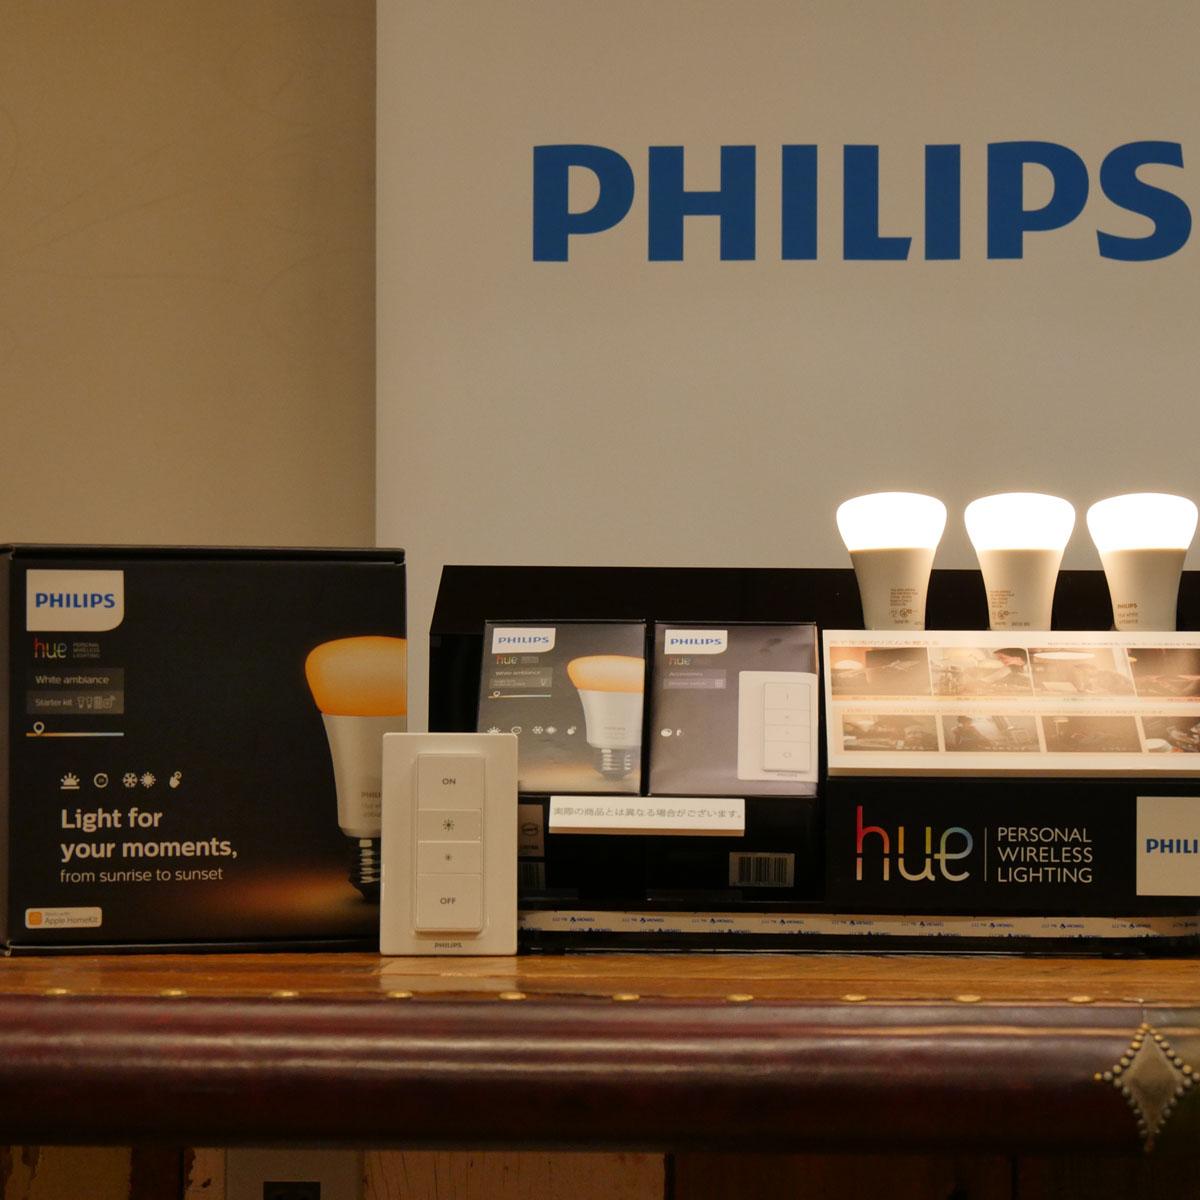 より手軽に使える多機能LED照明「Philips Hue ホワイトグラデーション」登場